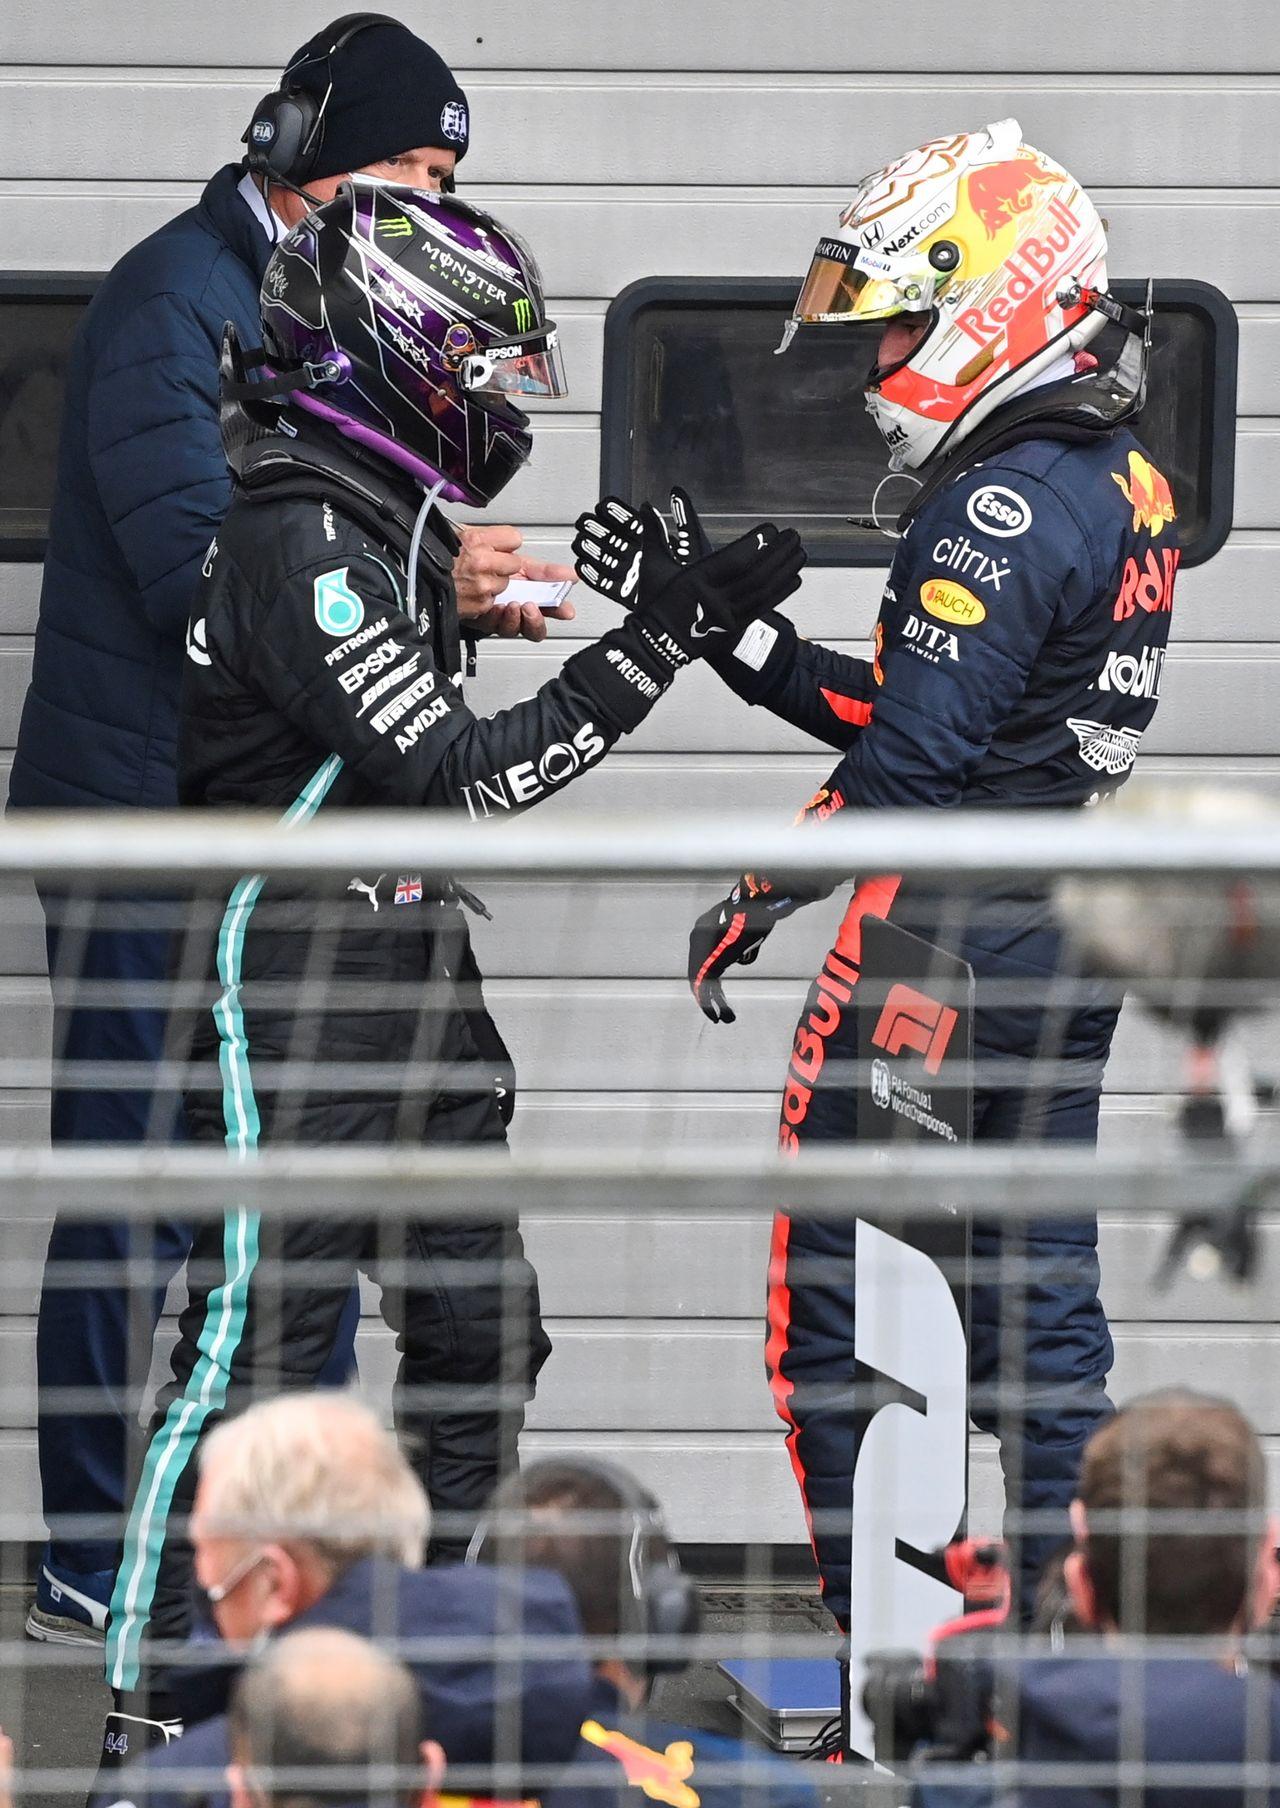 Gran Premio Eifel en Nürburgring de Fórmula Uno